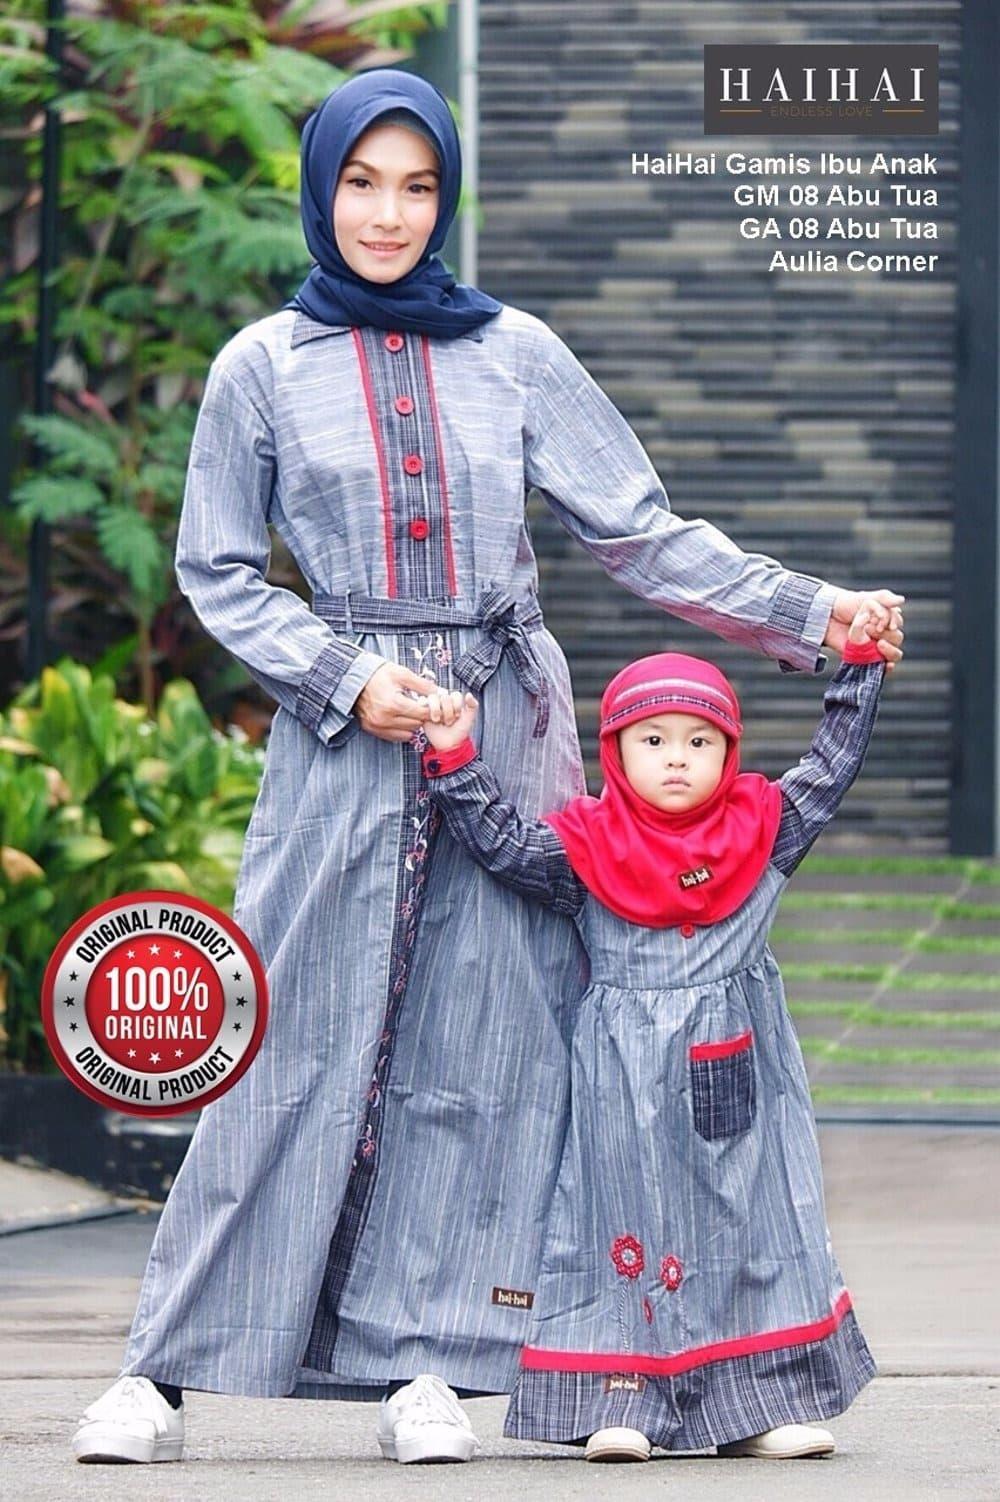 EKSLUSIF MURAH Model Baju Muslim Modern HaiHai GM 08 GA 08 ABU ORIGIN